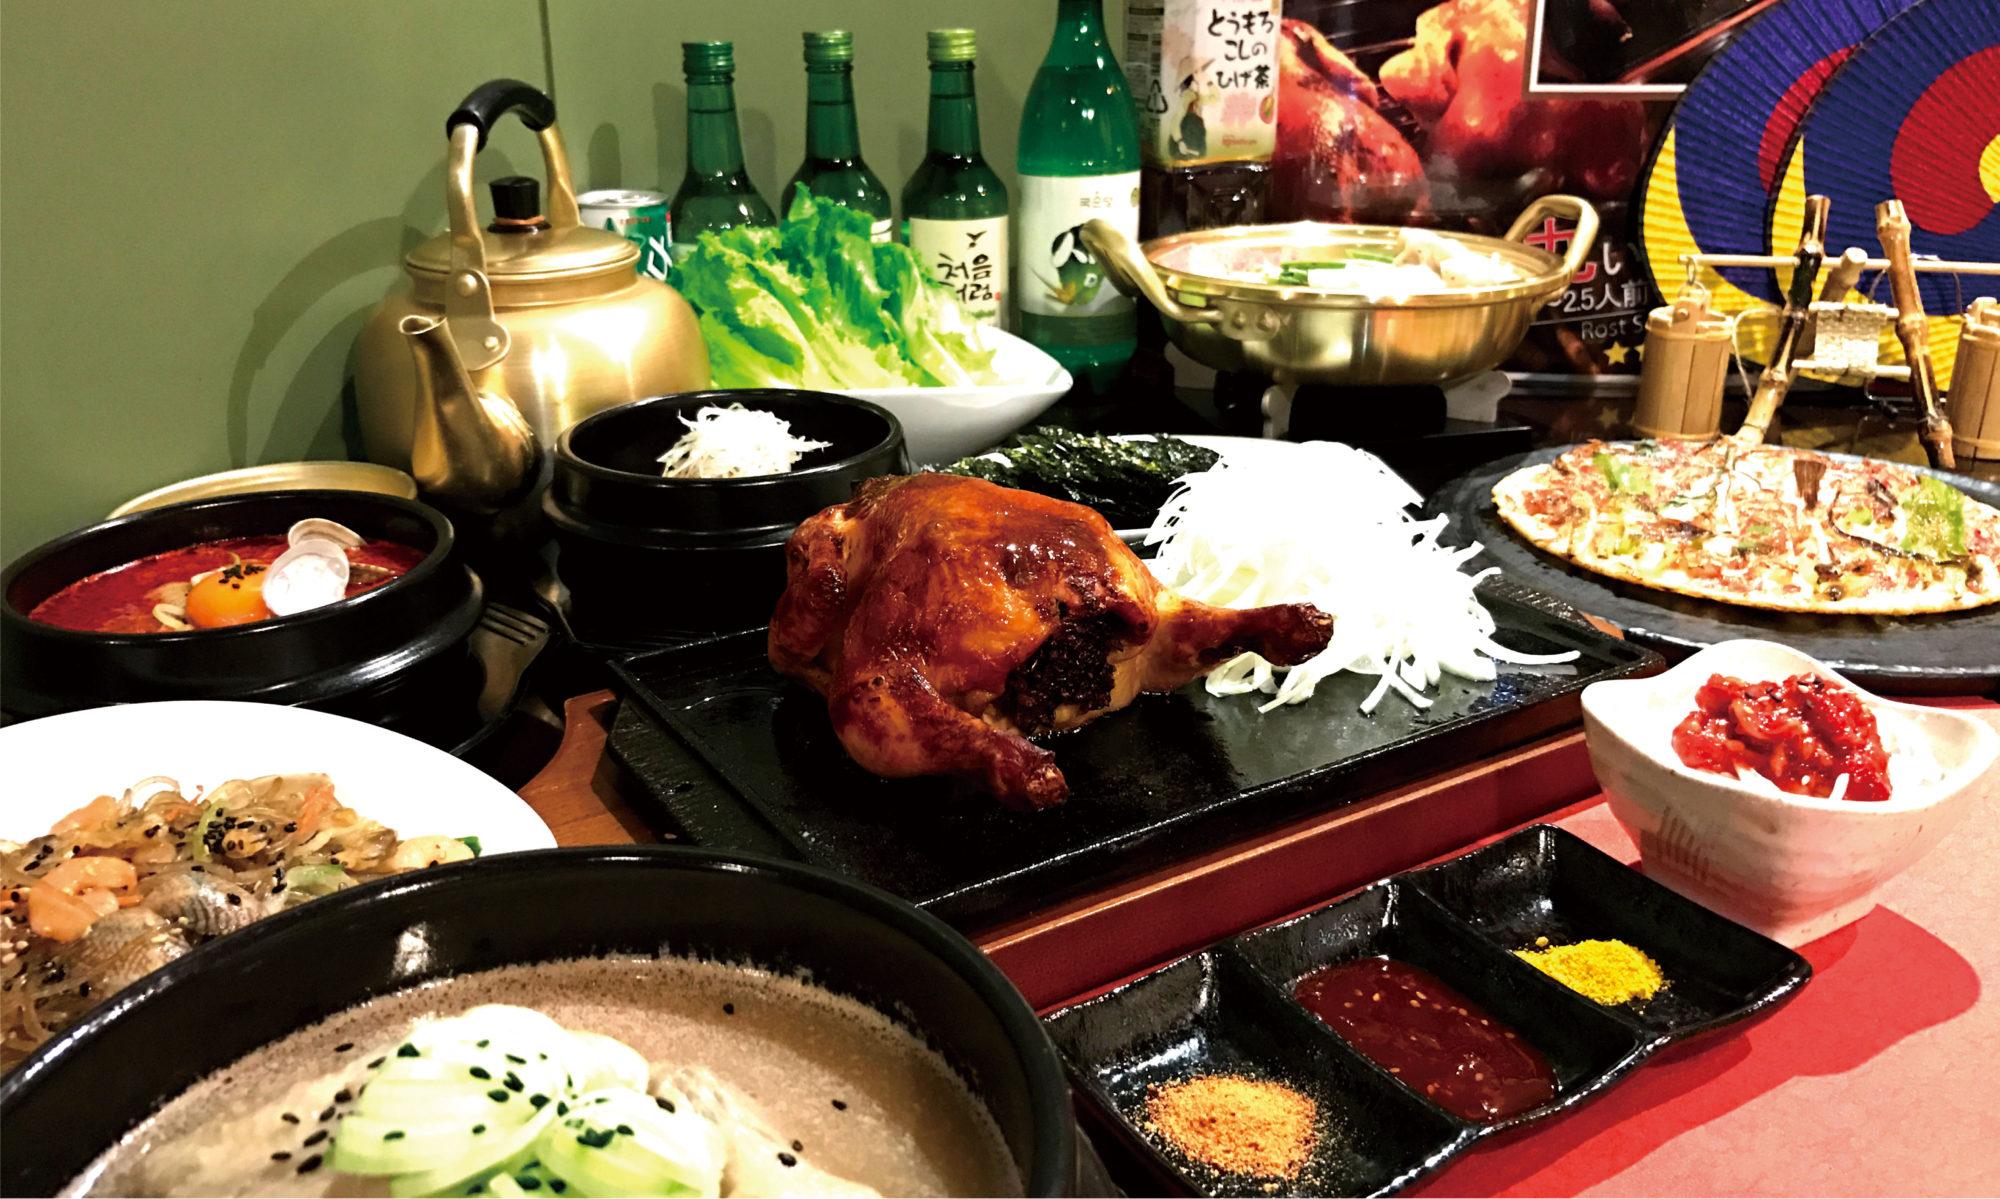 関内サムギョプサル・関内韓国料理ソクチョサムゲタン・サムゲタン参鶏湯専門店